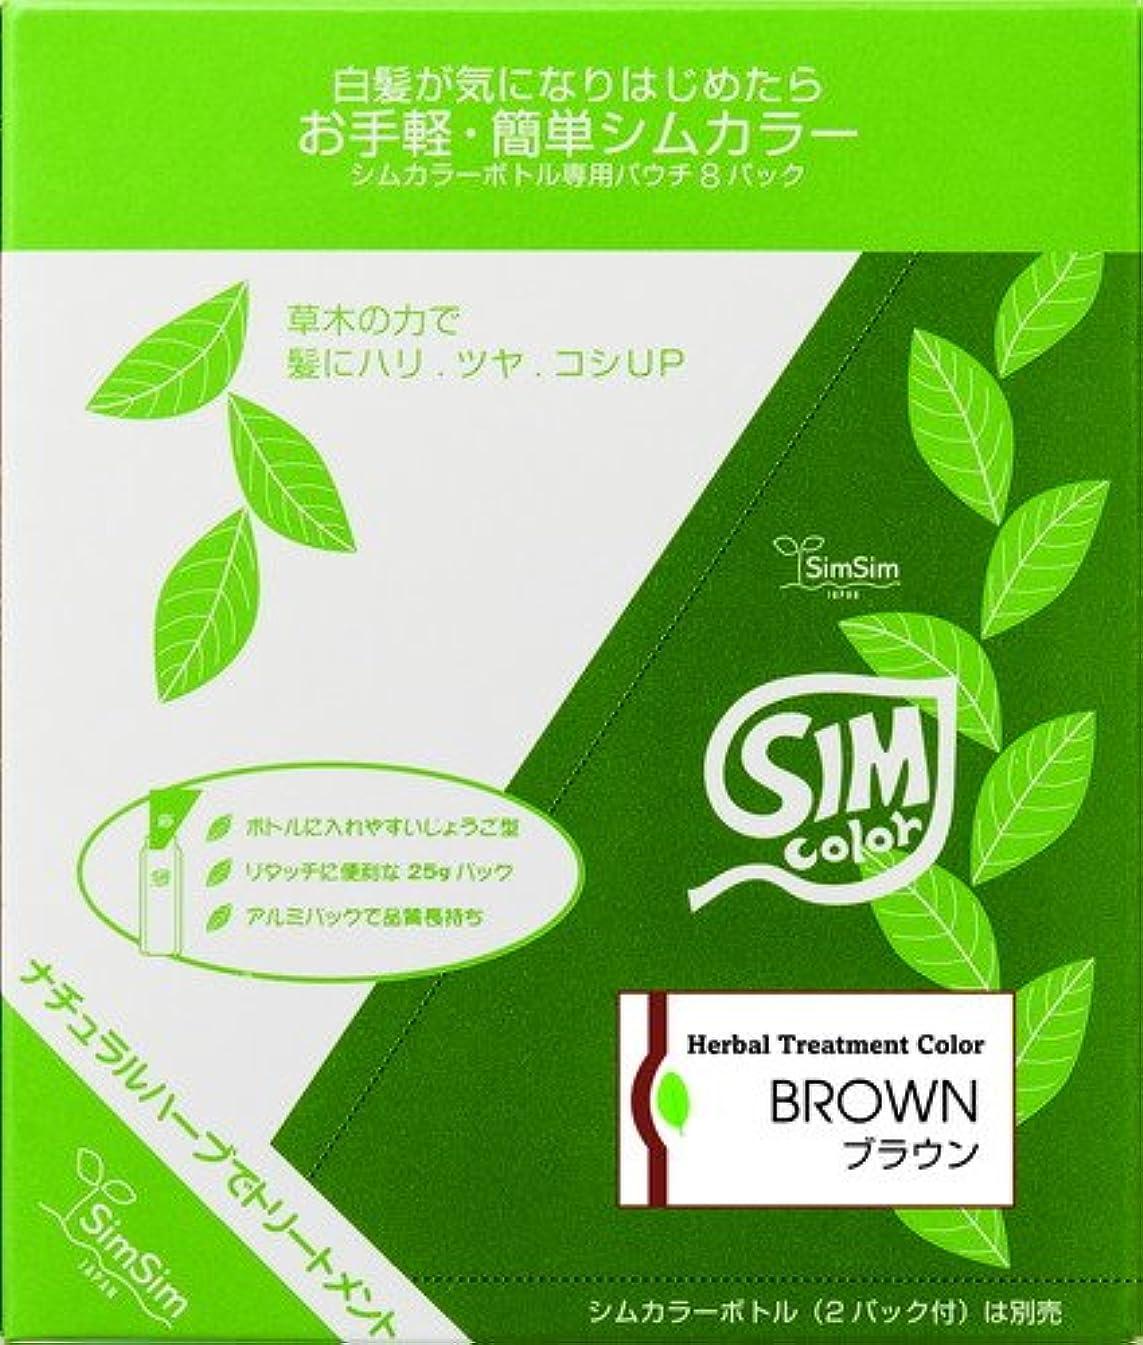 保持するギャロップアラビア語SimSim(シムシム)お手軽簡単シムカラーエクストラ(EX)25g 8袋 ブラウン